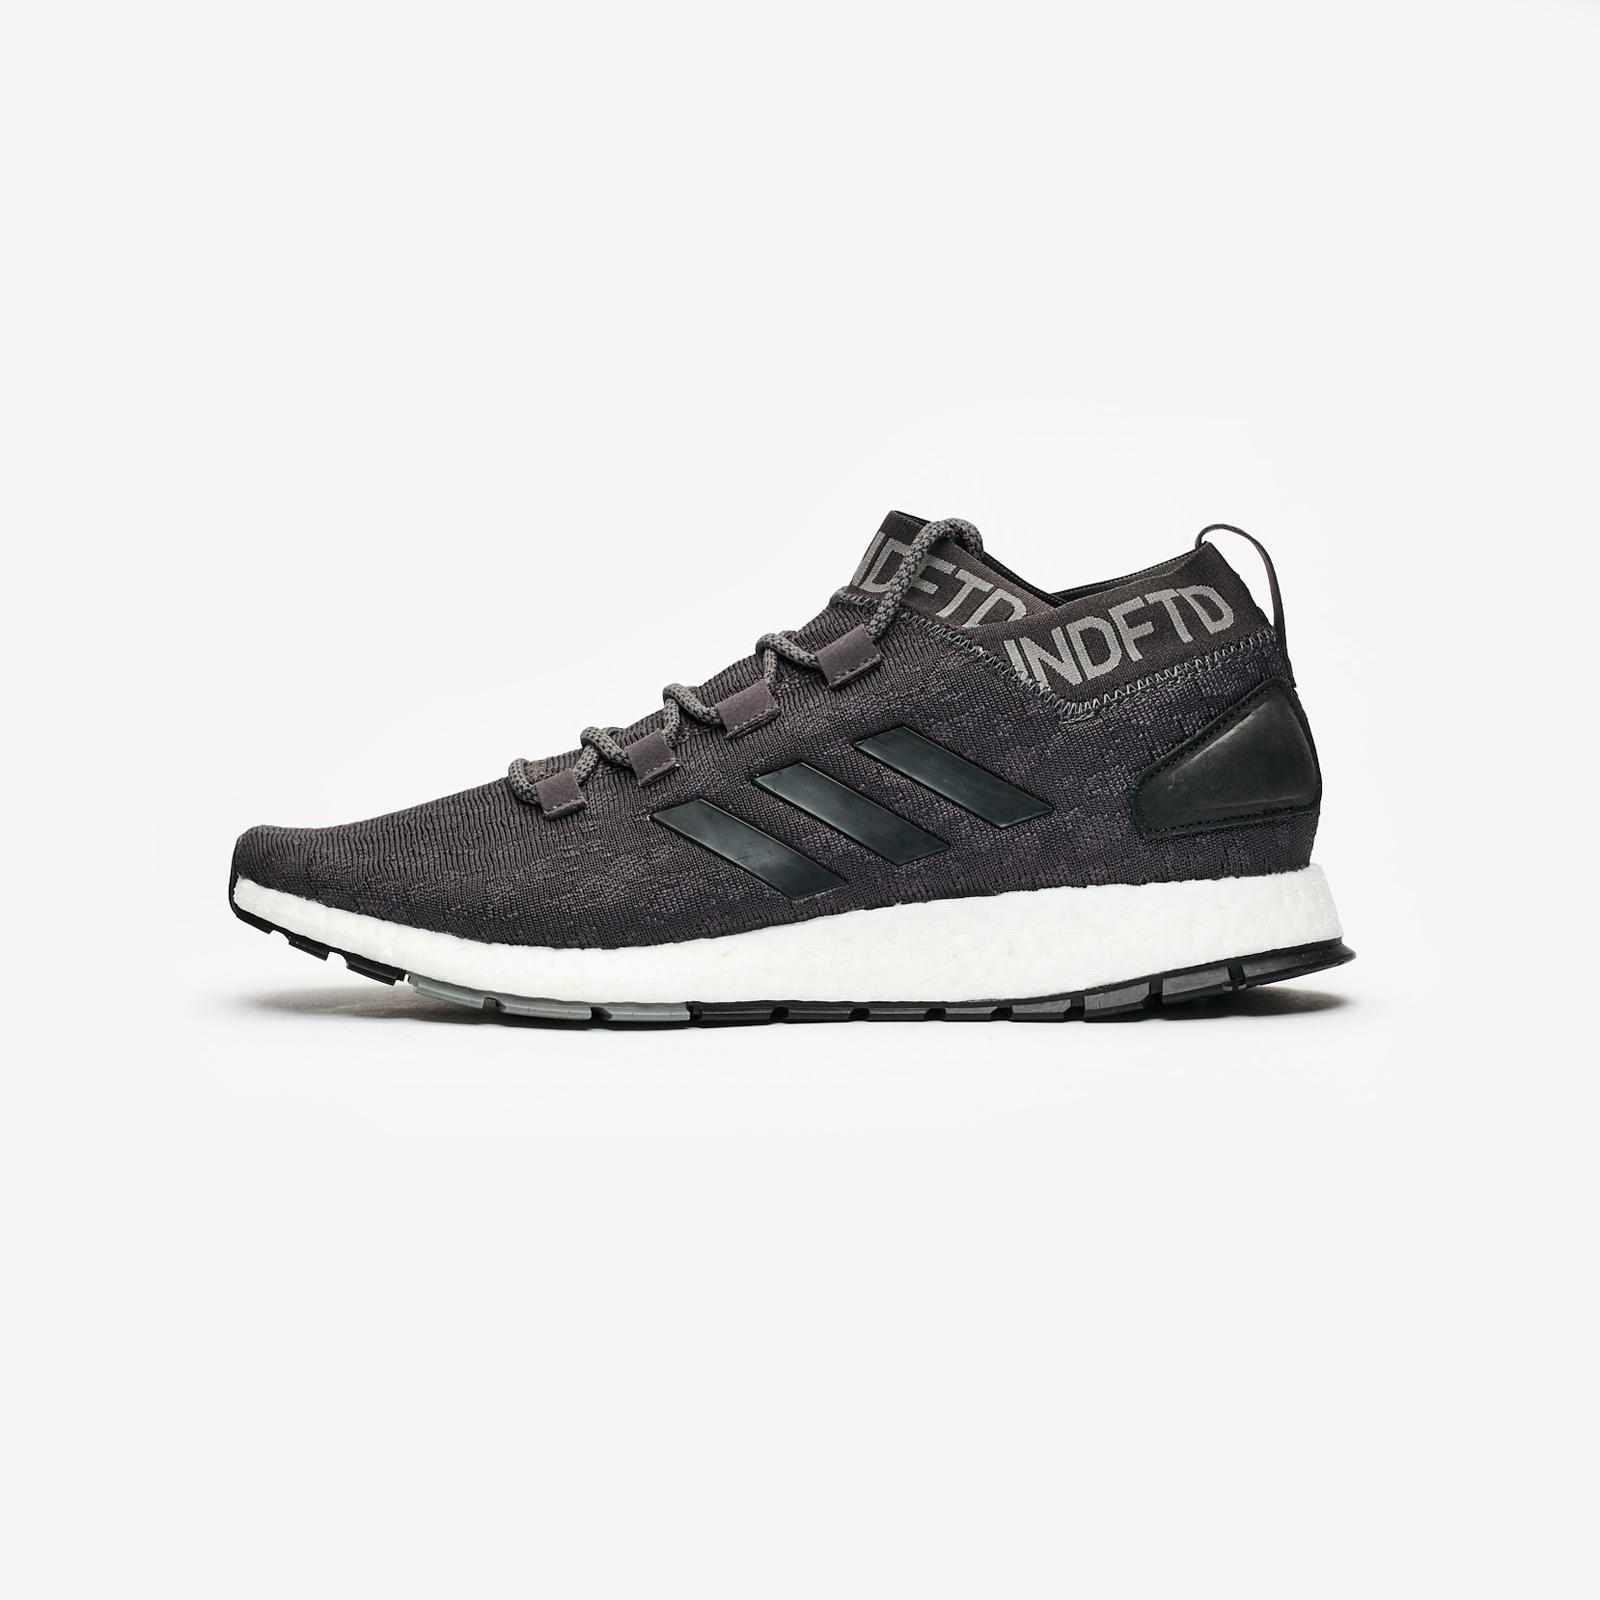 5f27734ecd416 adidas PureBOOST RBL x UNDFTD - Bc0473 - Sneakersnstuff